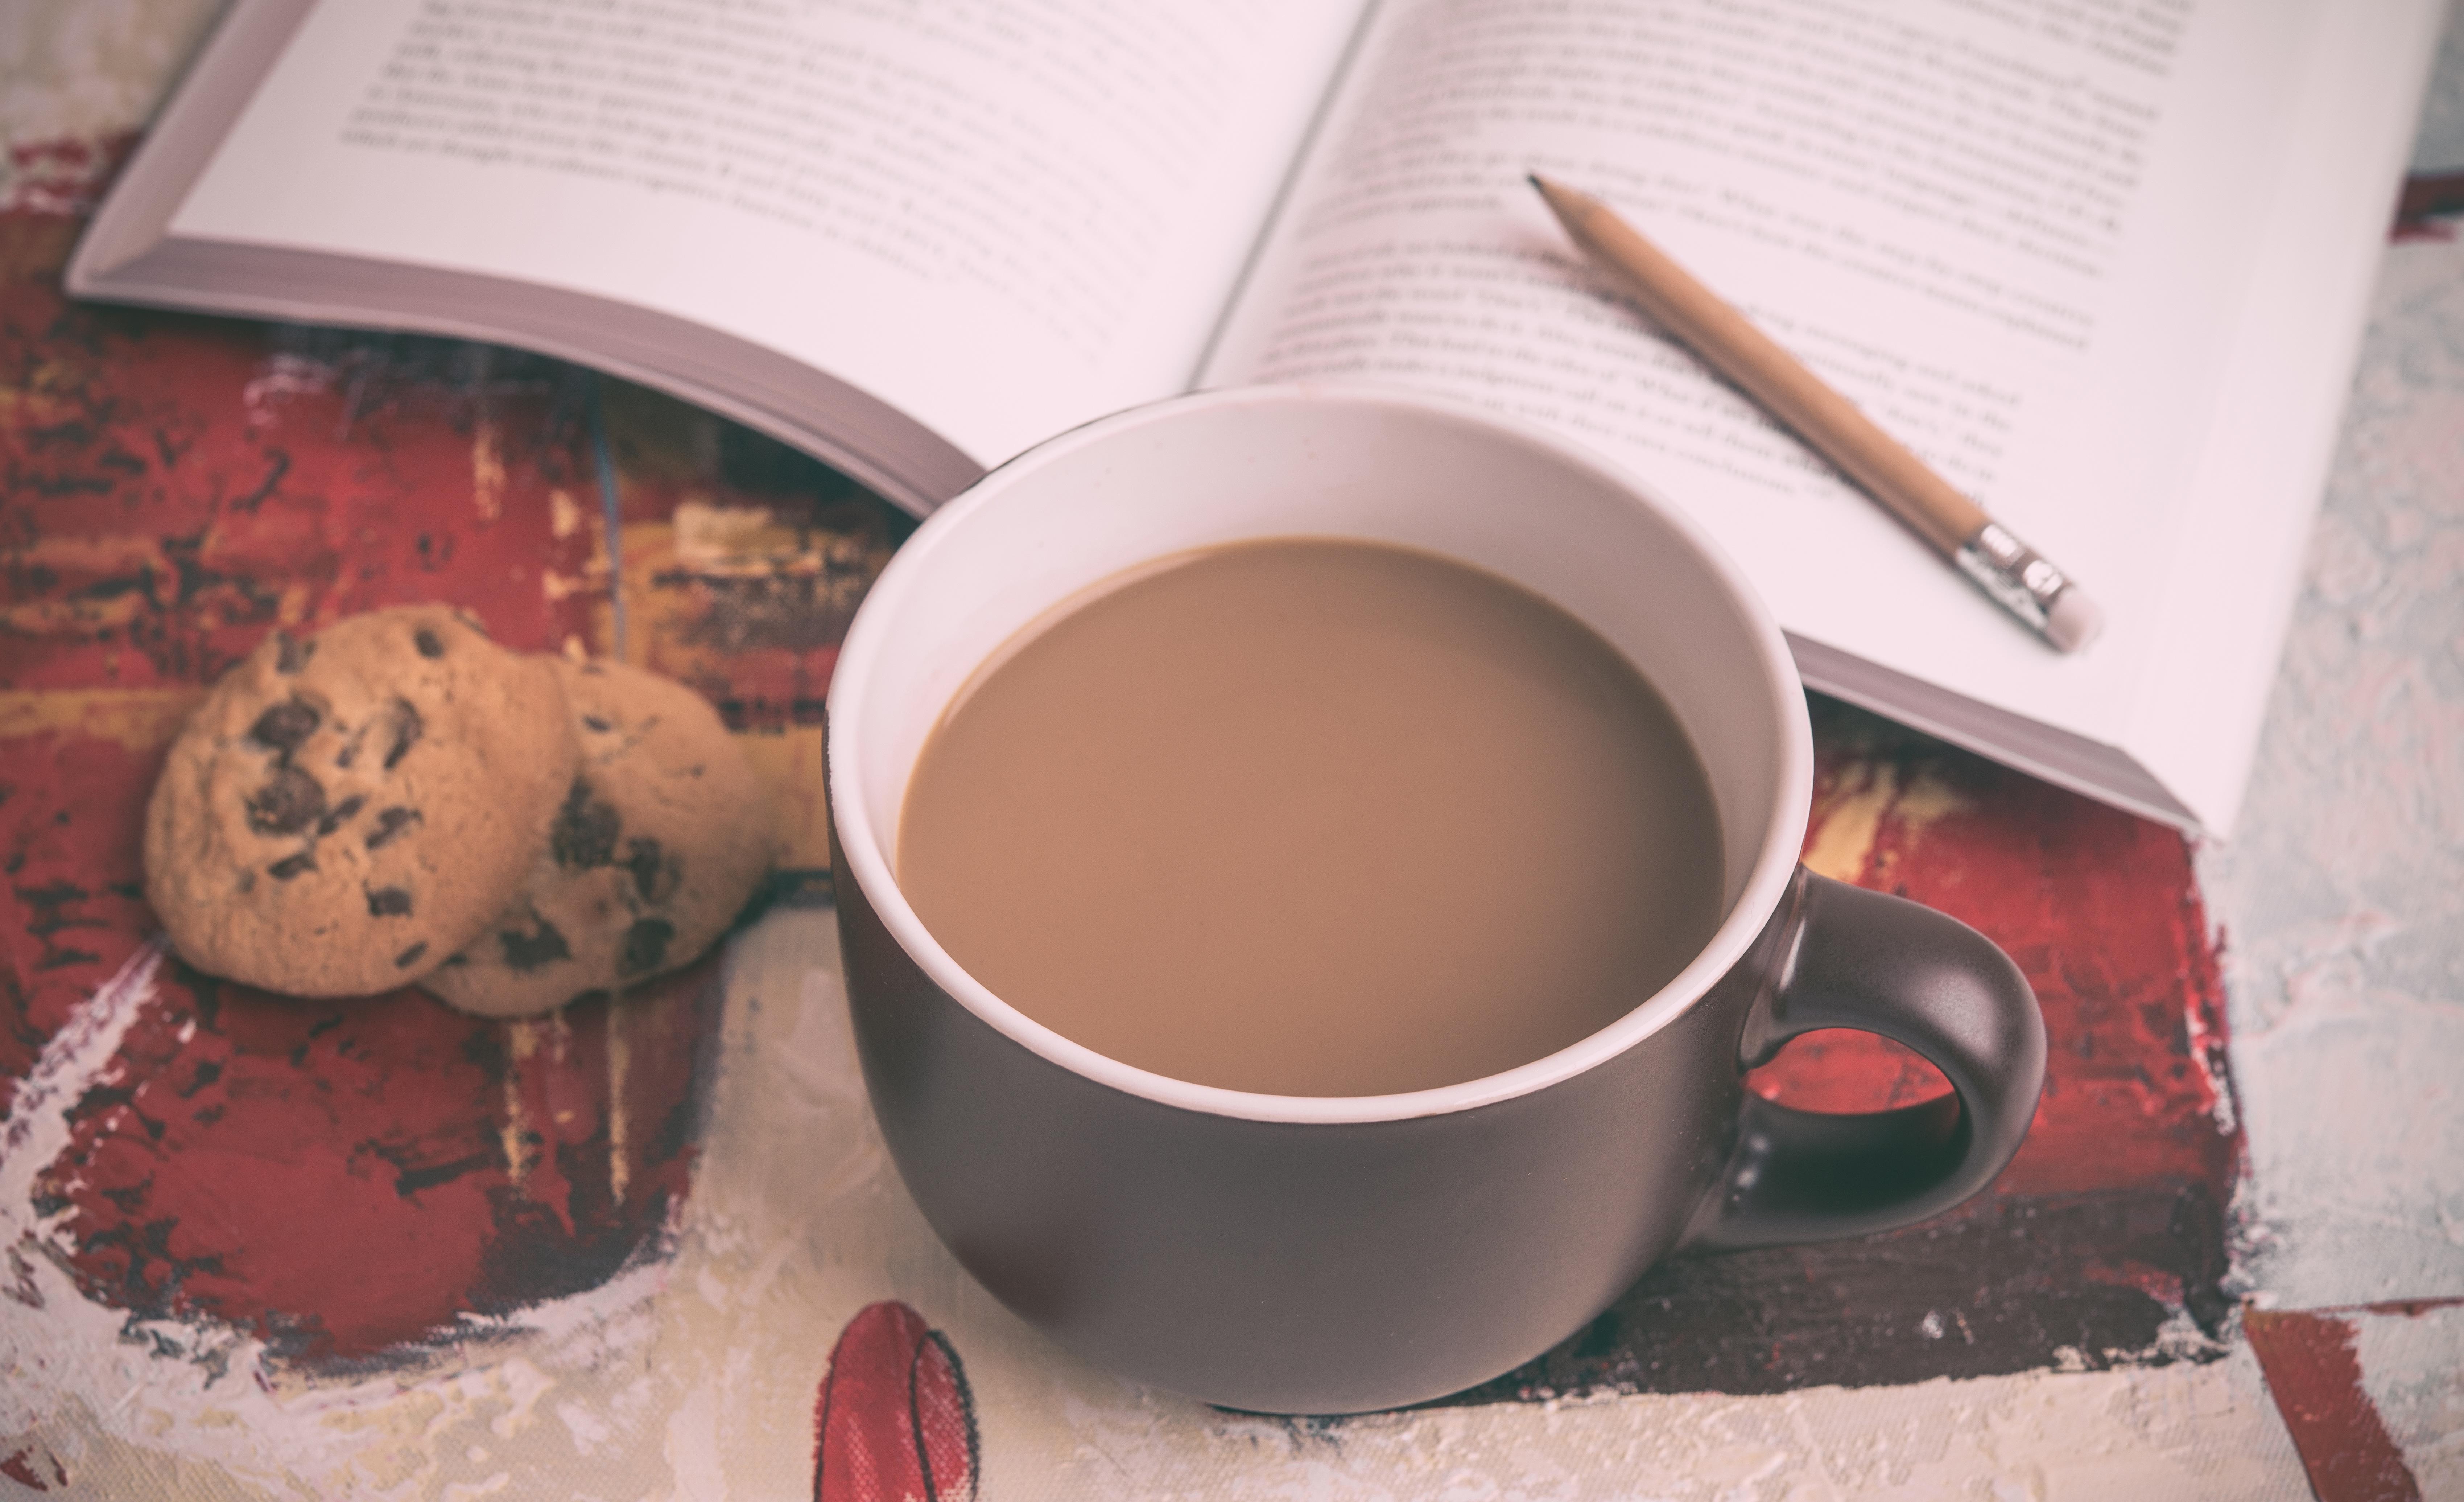 Brunch, Hot, Study, Tea, Food, HQ Photo